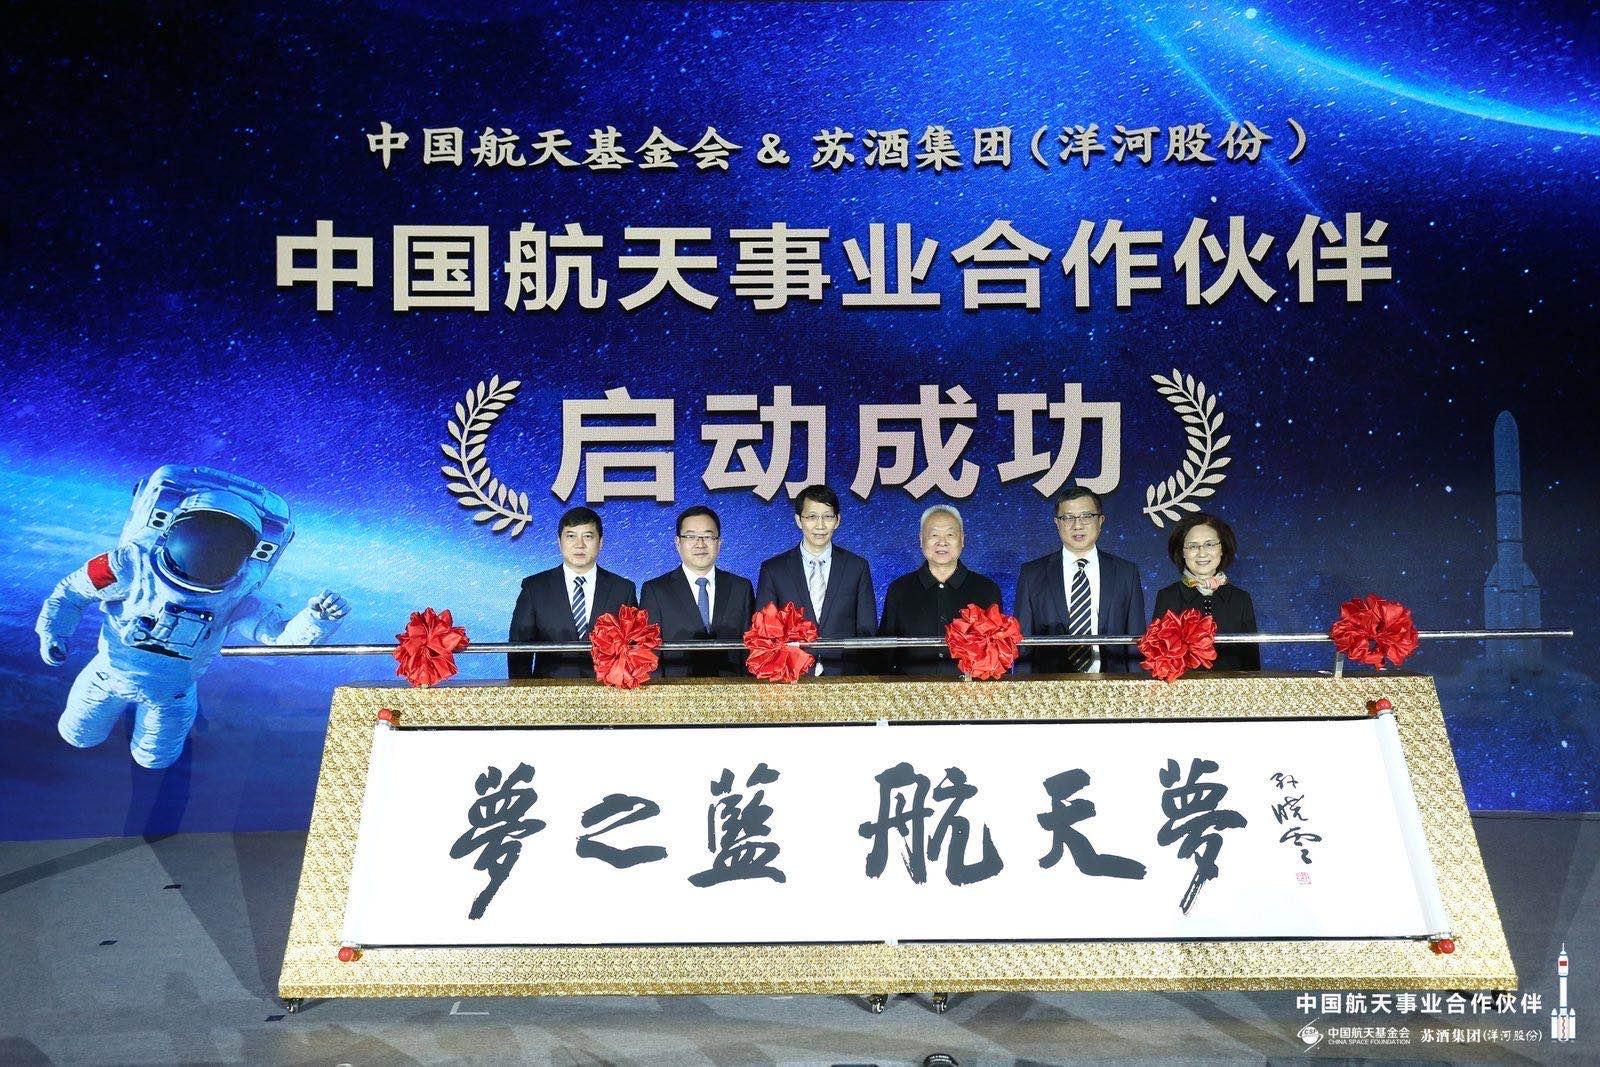 共创中国航天更好的时代,洋河股份正式成为中国航天事业合作伙伴